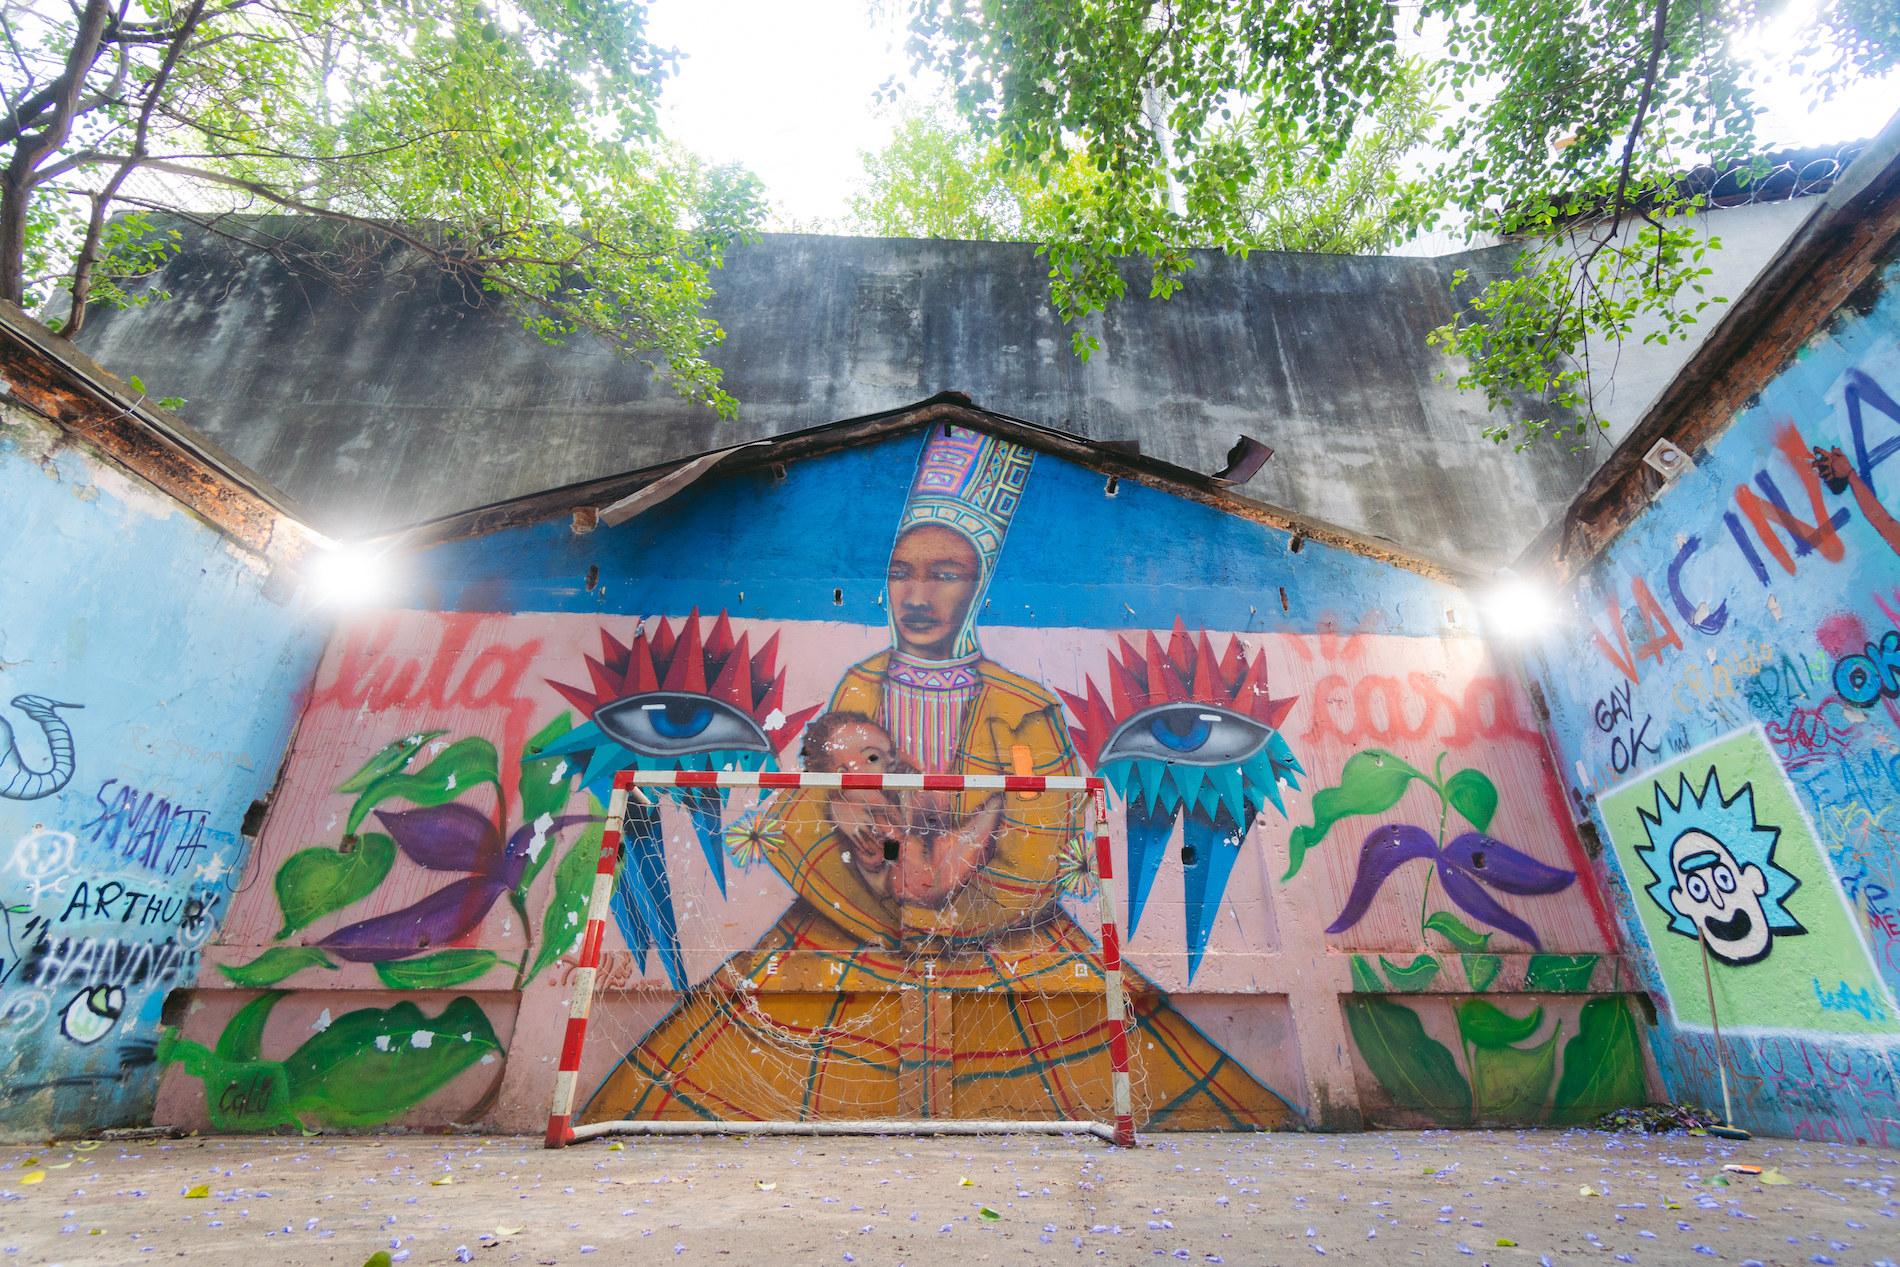 Grafites coloridos ao redor da quadra da ocupação.